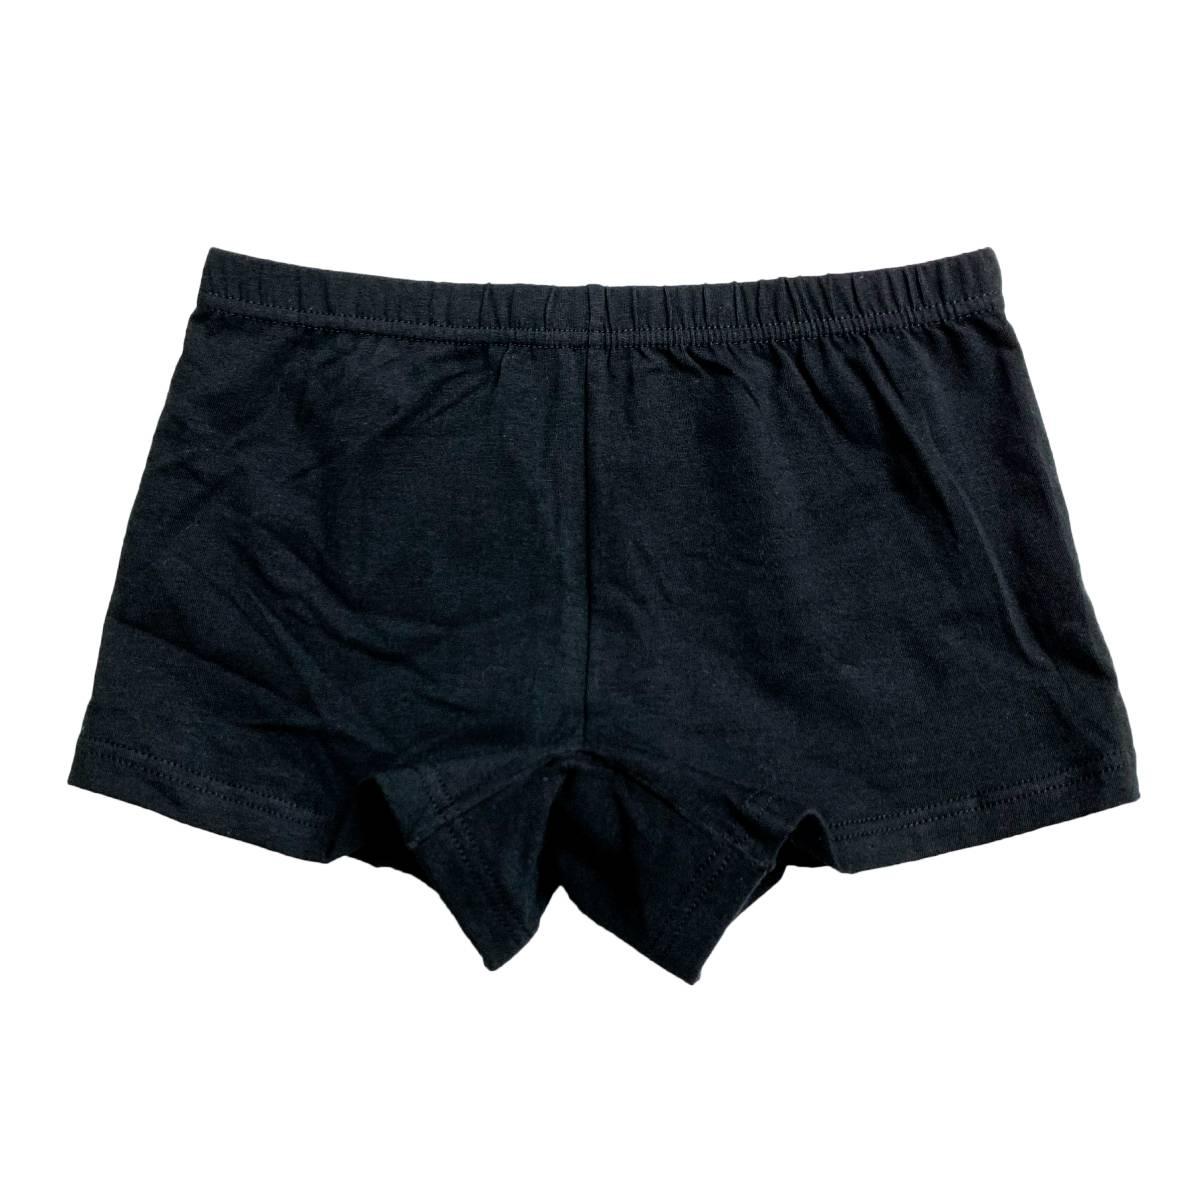 【吉妮儂來】安全女內褲7008 F均碼(黑色) 【康是美】